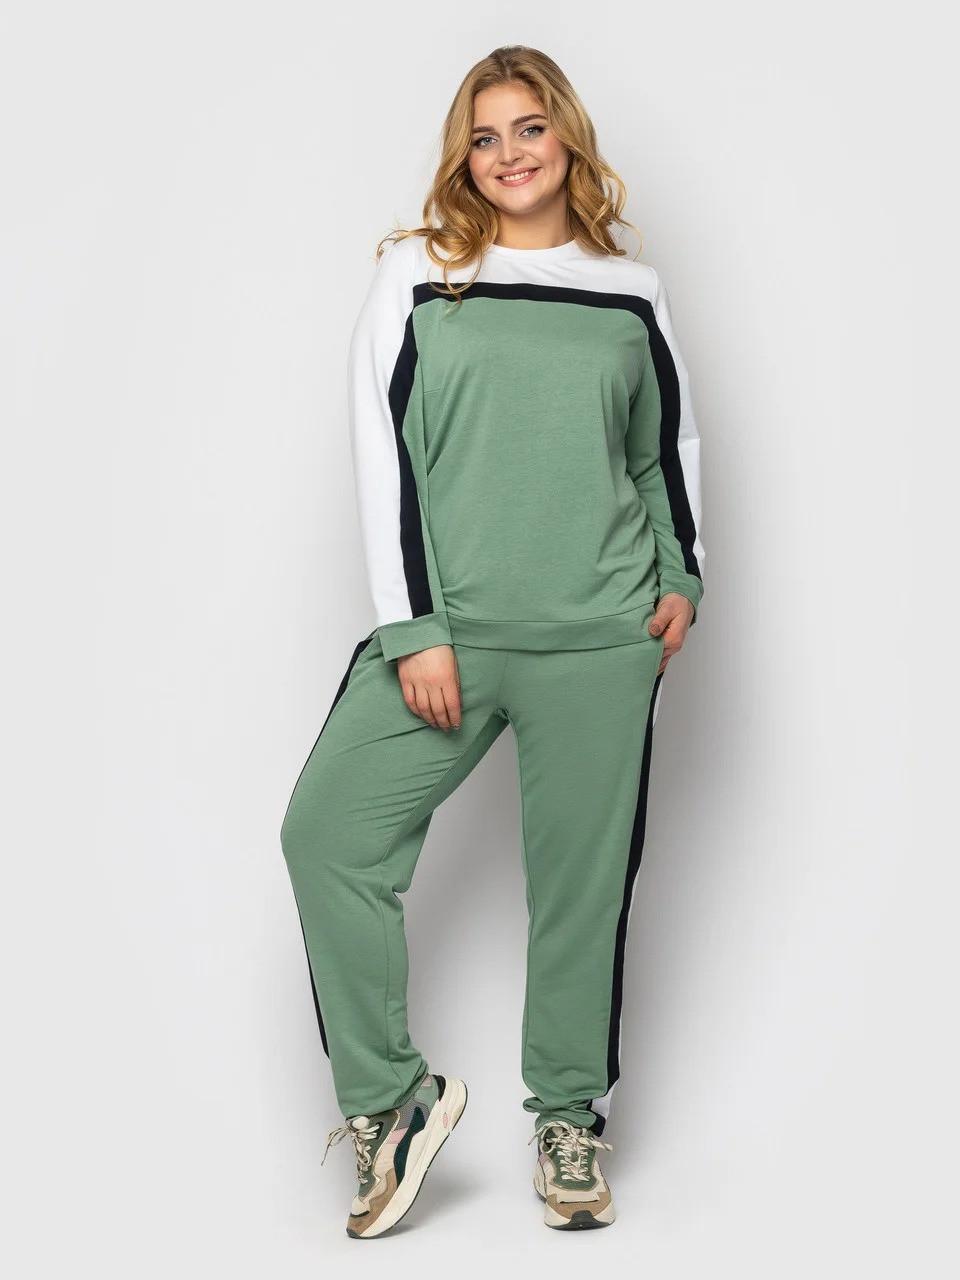 Красивый спортивный женский костюм двунитка зеленого цвета с белой полоской, больших размеров от 52 до 56